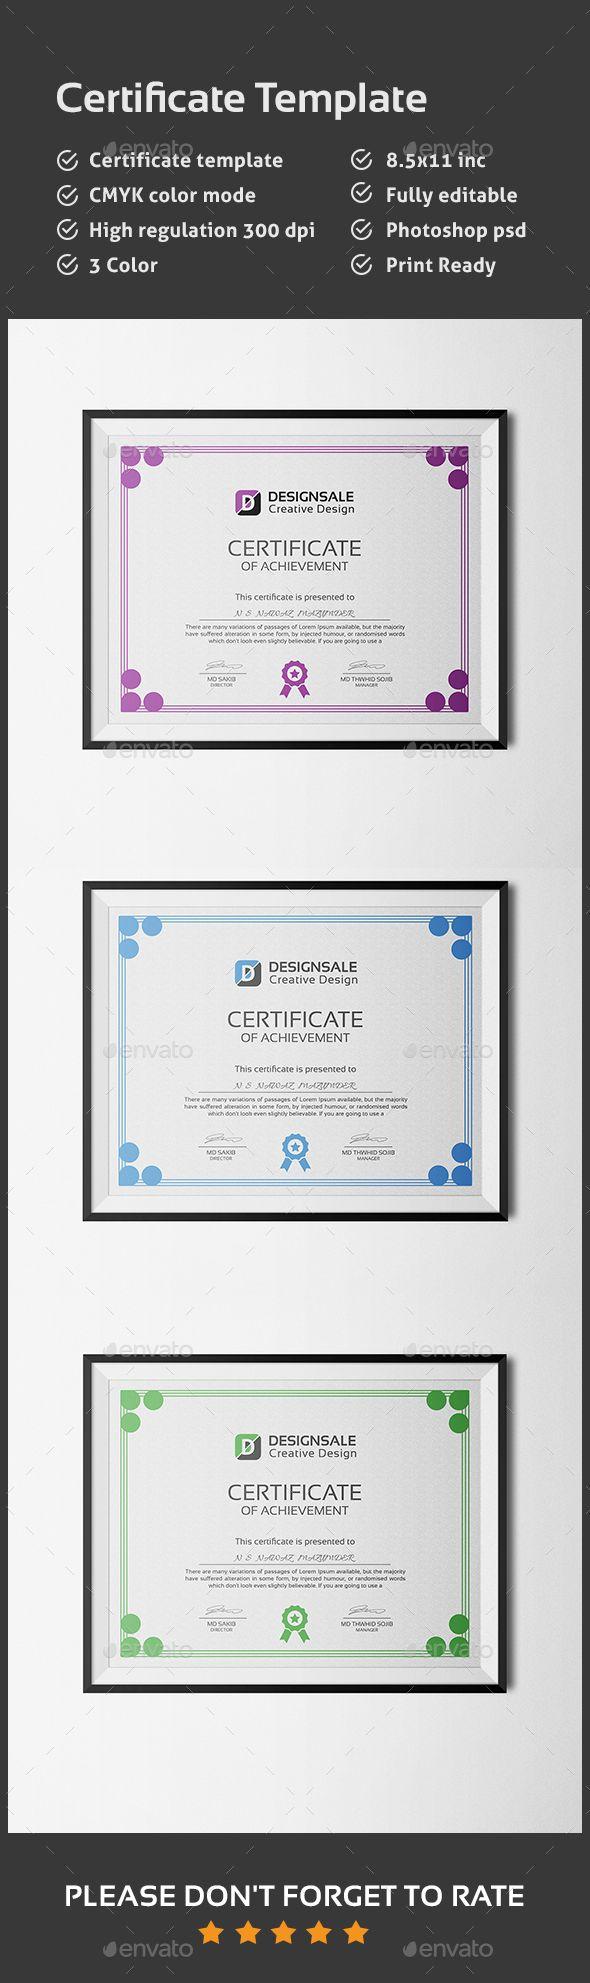 Certificate Template  Certificate Template And Certificate Design